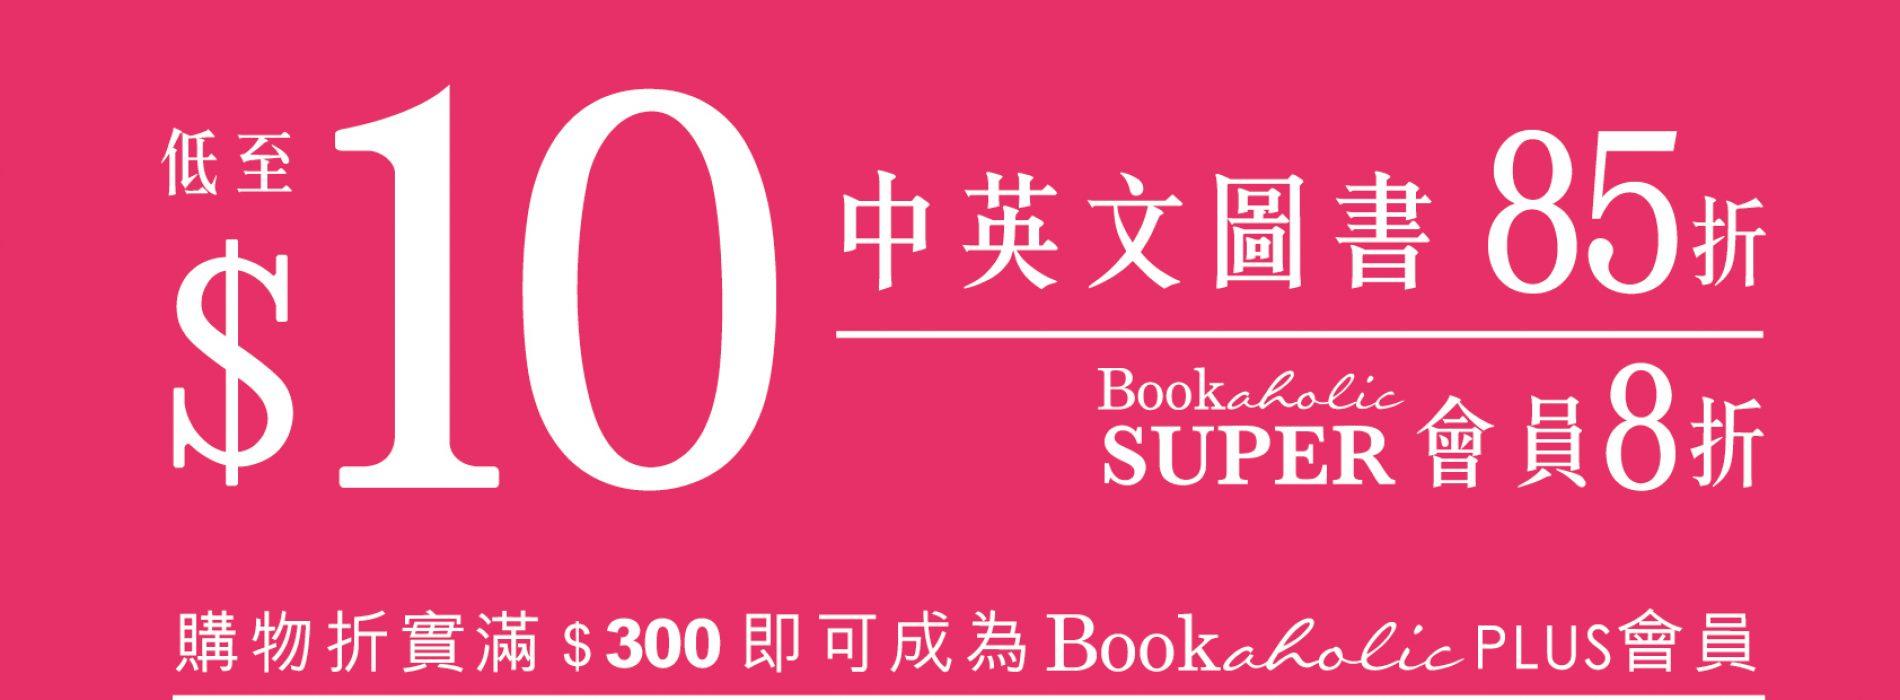 商務印書館沙田圖書廣場 30周年紀念及搬遷